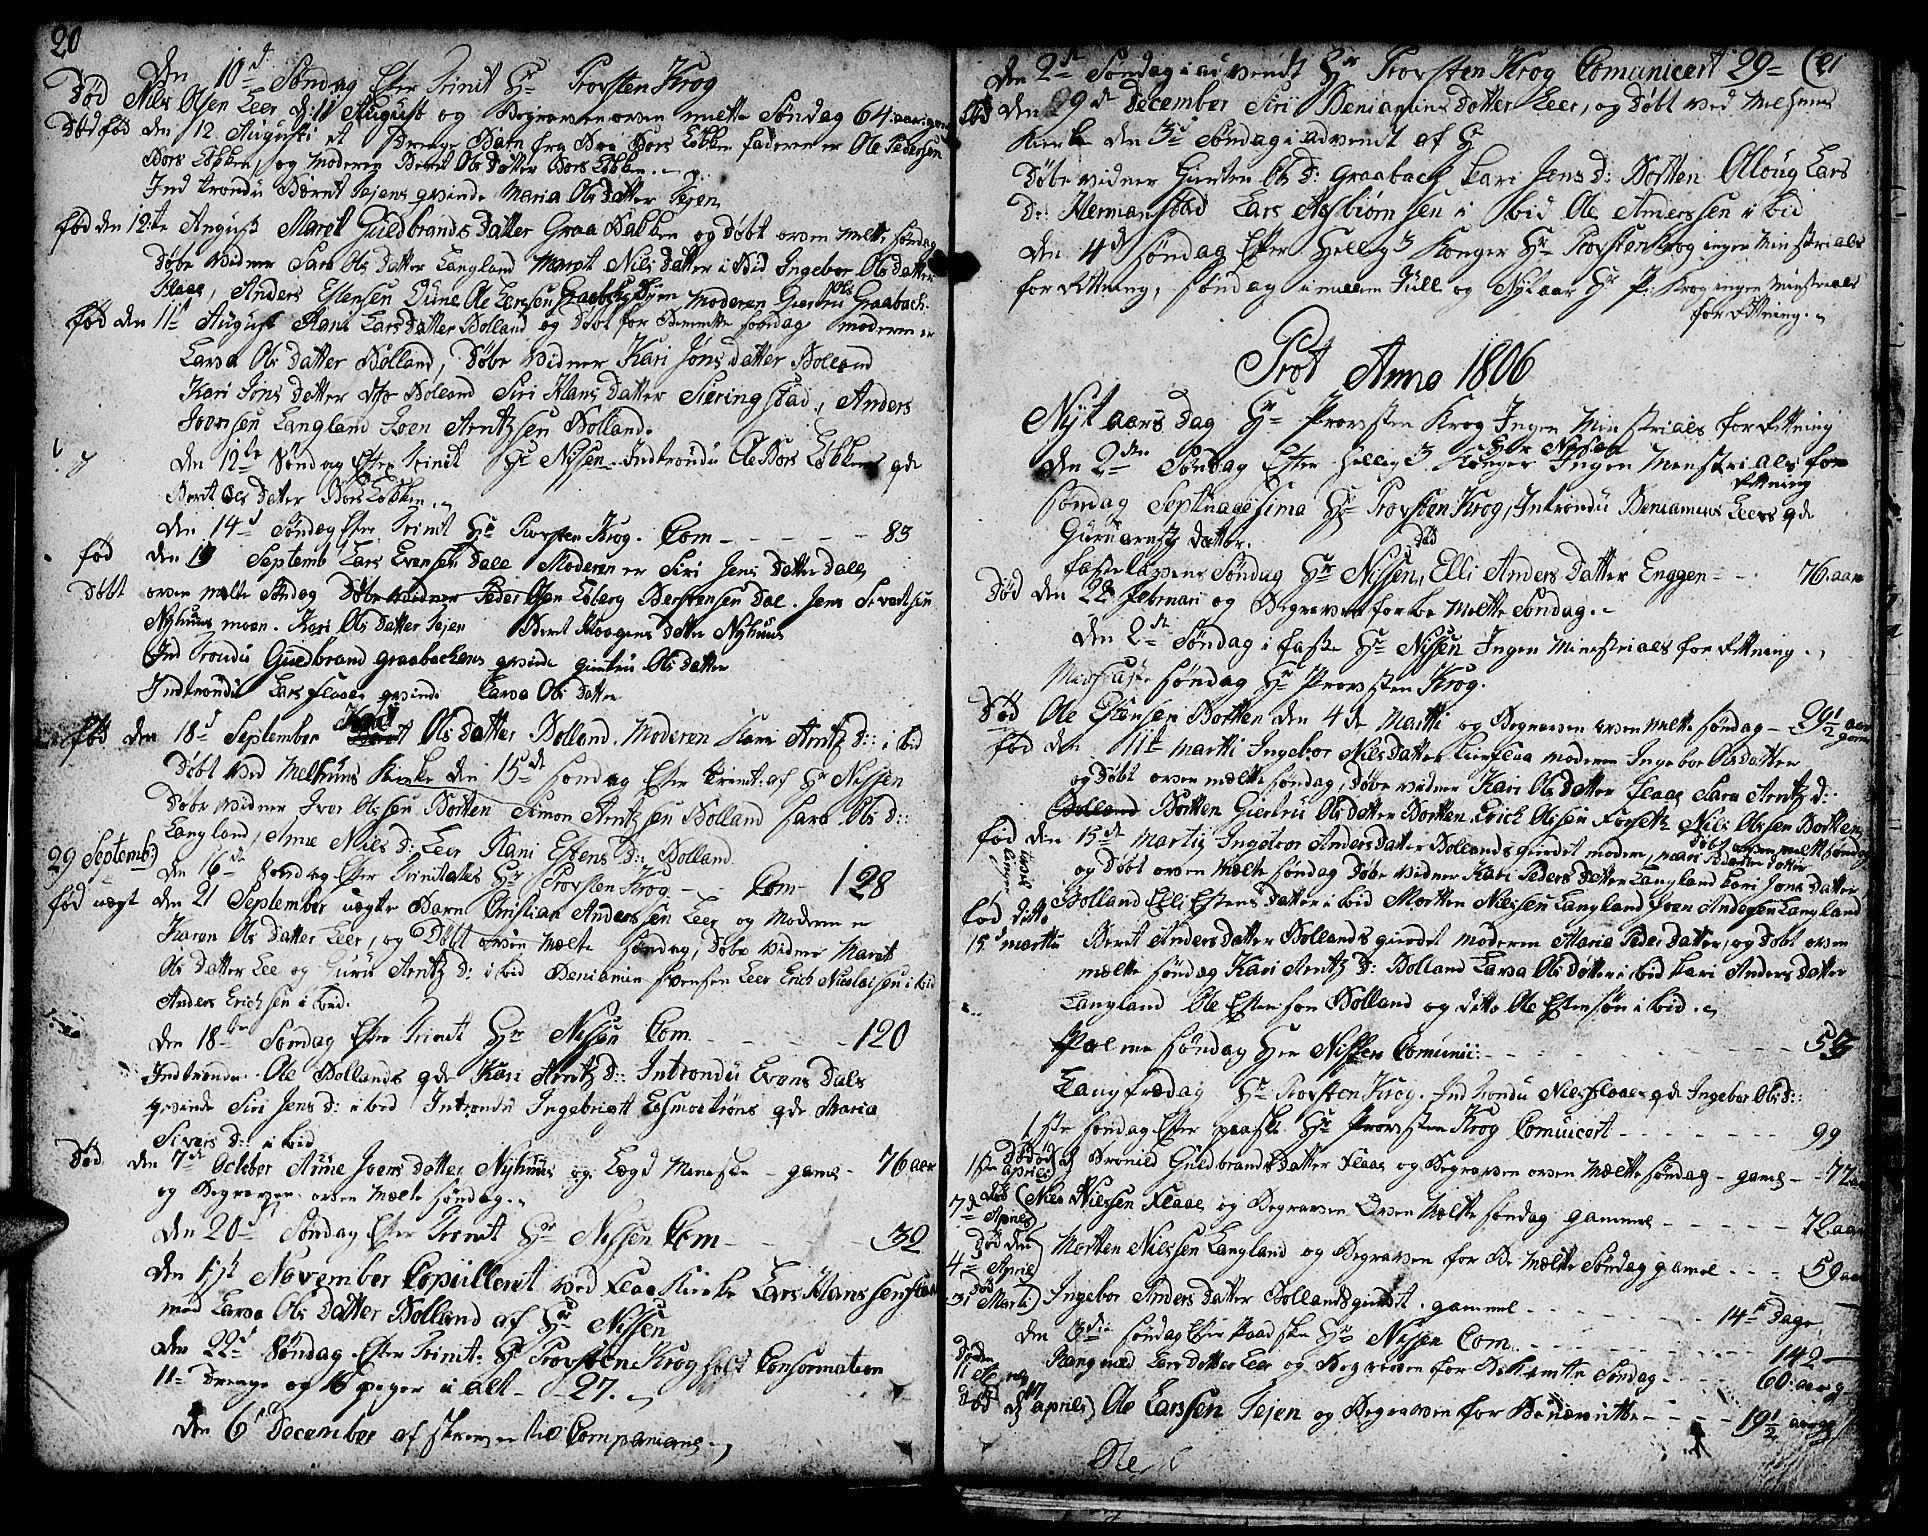 SAT, Ministerialprotokoller, klokkerbøker og fødselsregistre - Sør-Trøndelag, 693/L1120: Klokkerbok nr. 693C01, 1799-1816, s. 20-21